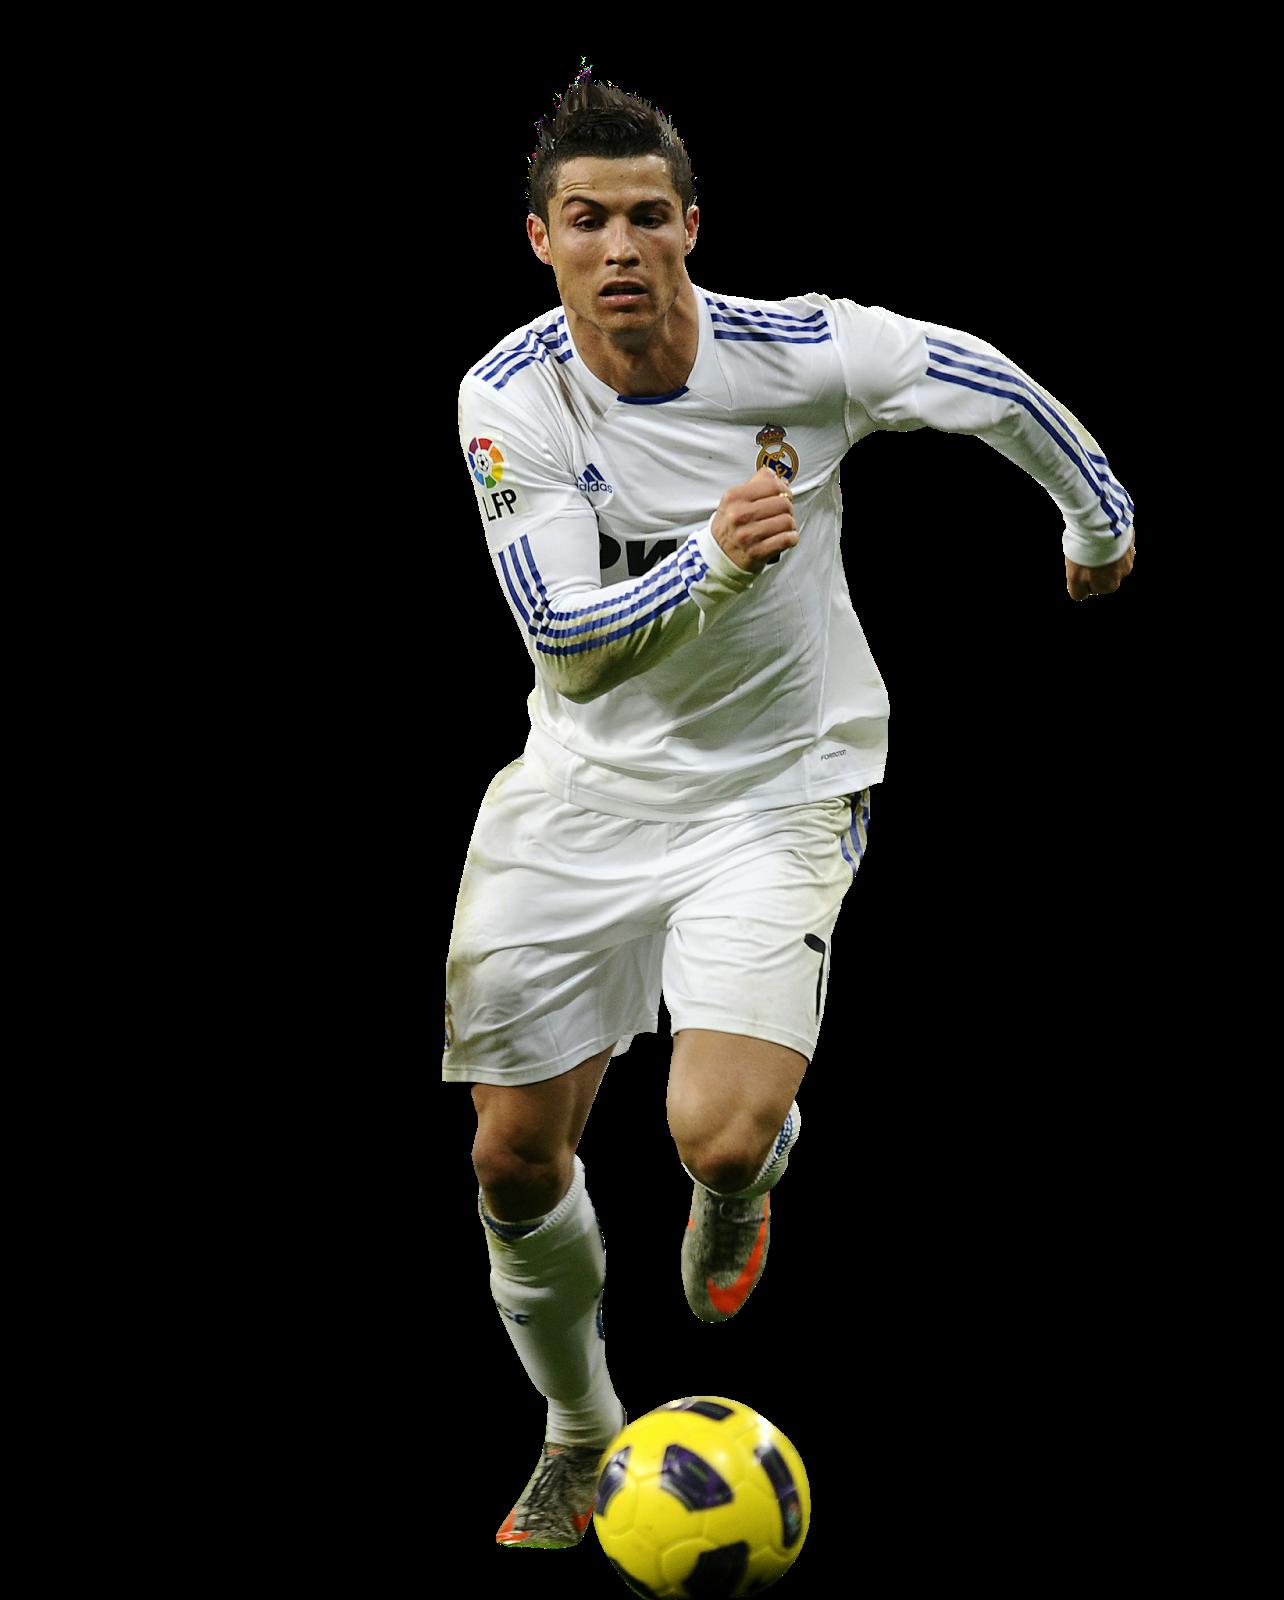 Cristiano Ronaldo PNG File-Cristiano Ronaldo PNG File-15